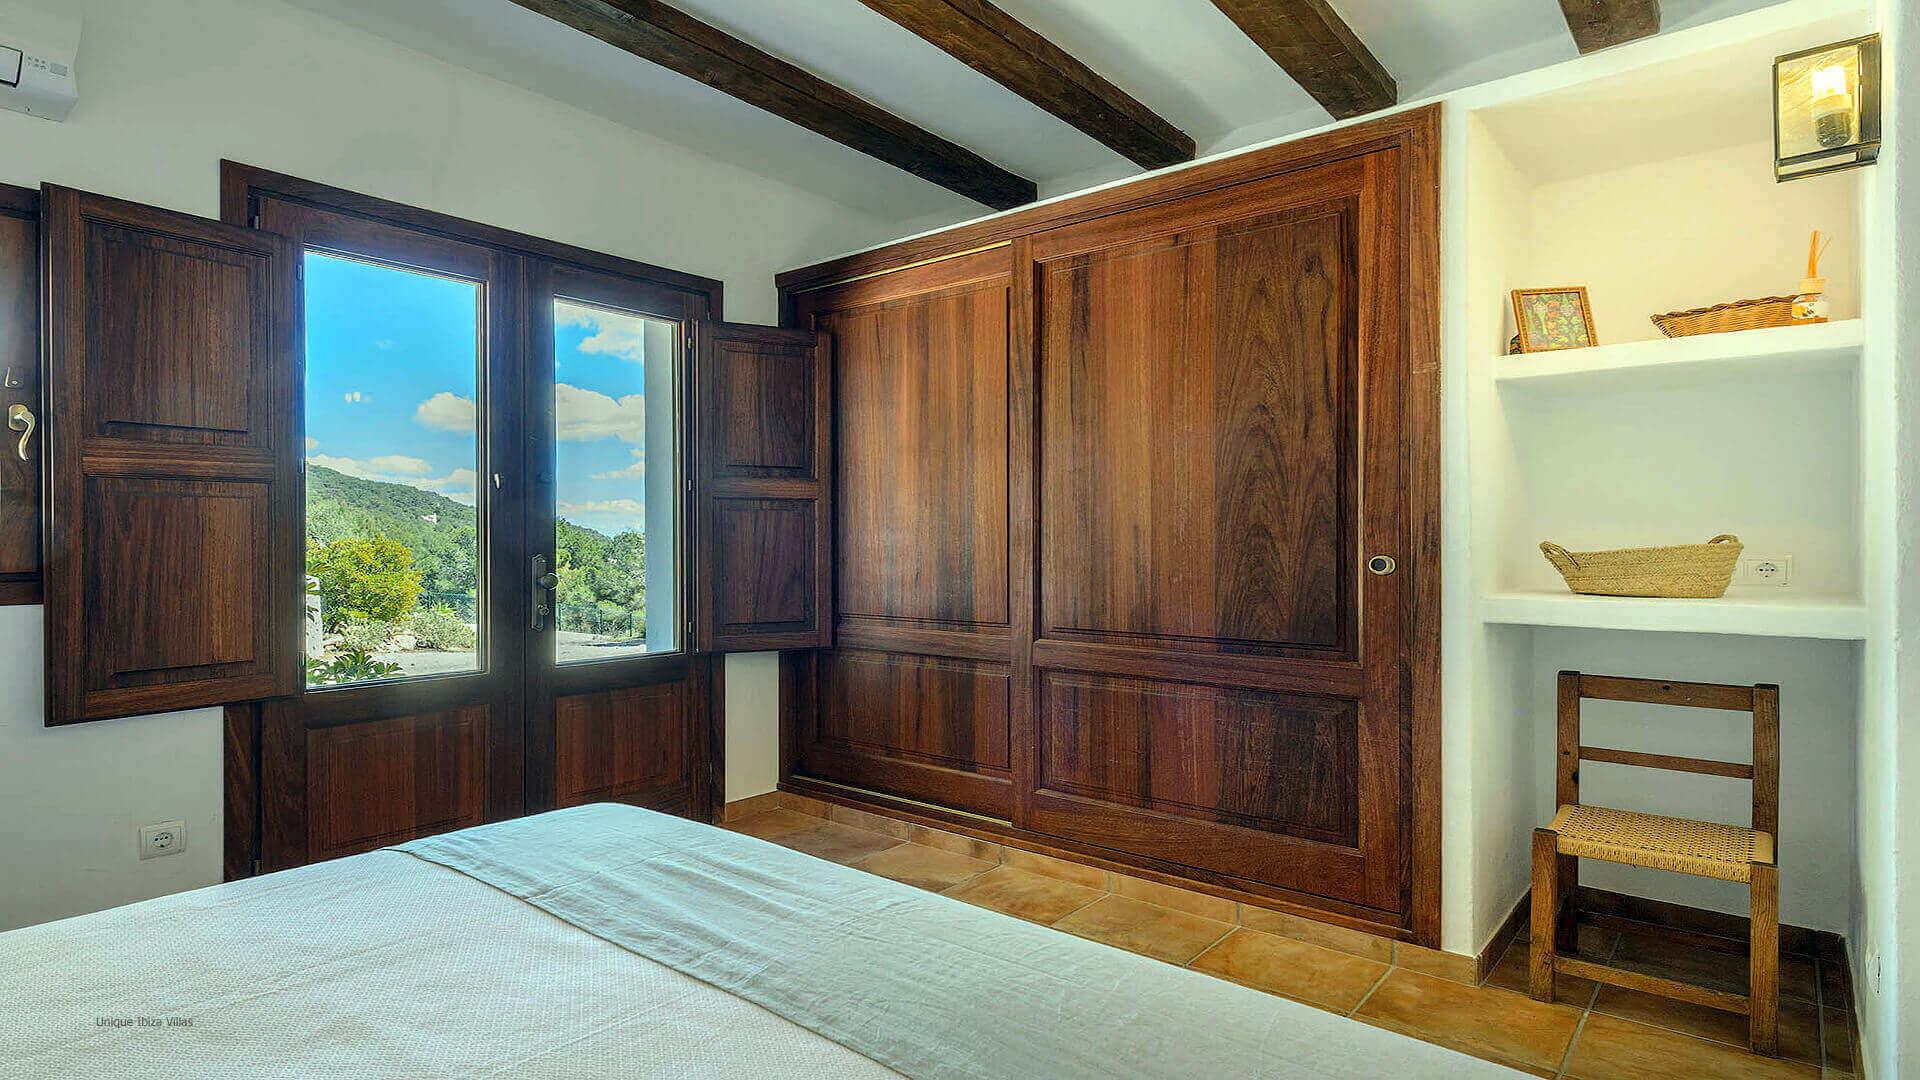 Villa Romero I Ibiza 40 Bedroom 1